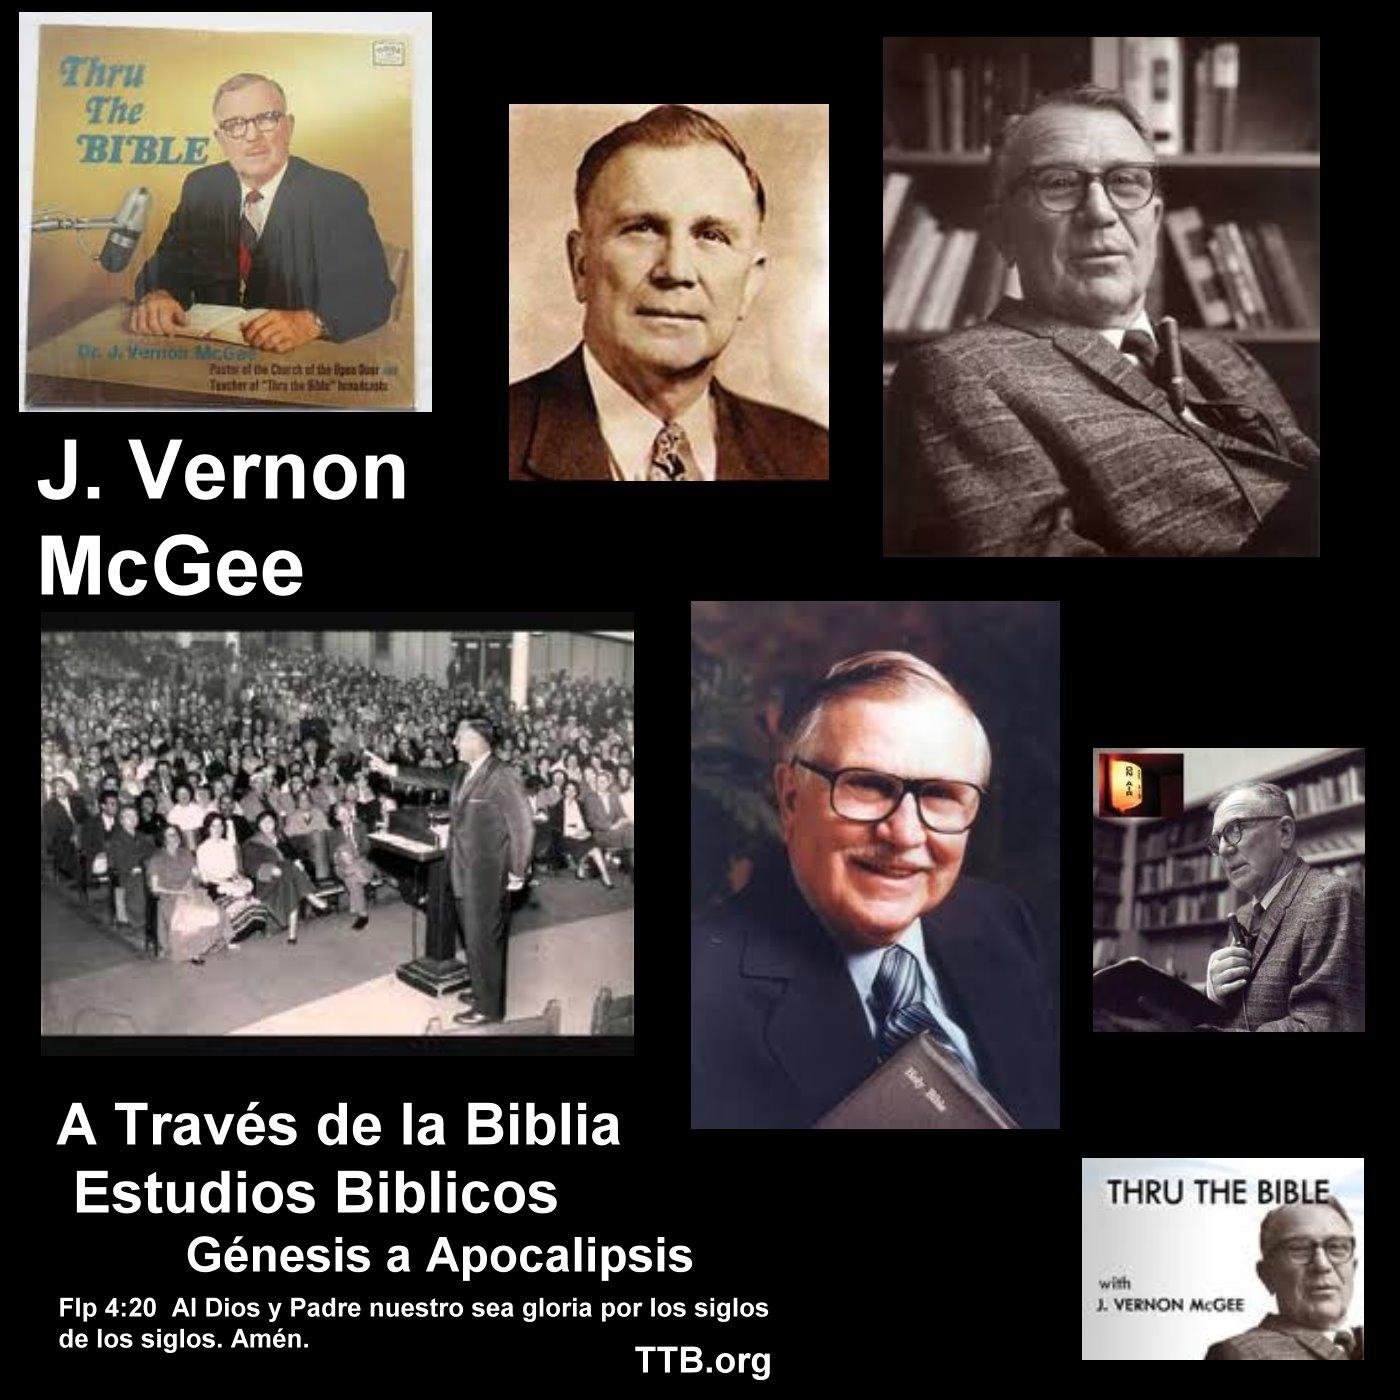 J. Vernon McGee - Antiguo Testamento P1 - Genesis-Job - Estudios Biblicos - Libro por Libro - Suscribirse Gratis Para Ver Toda la Lista